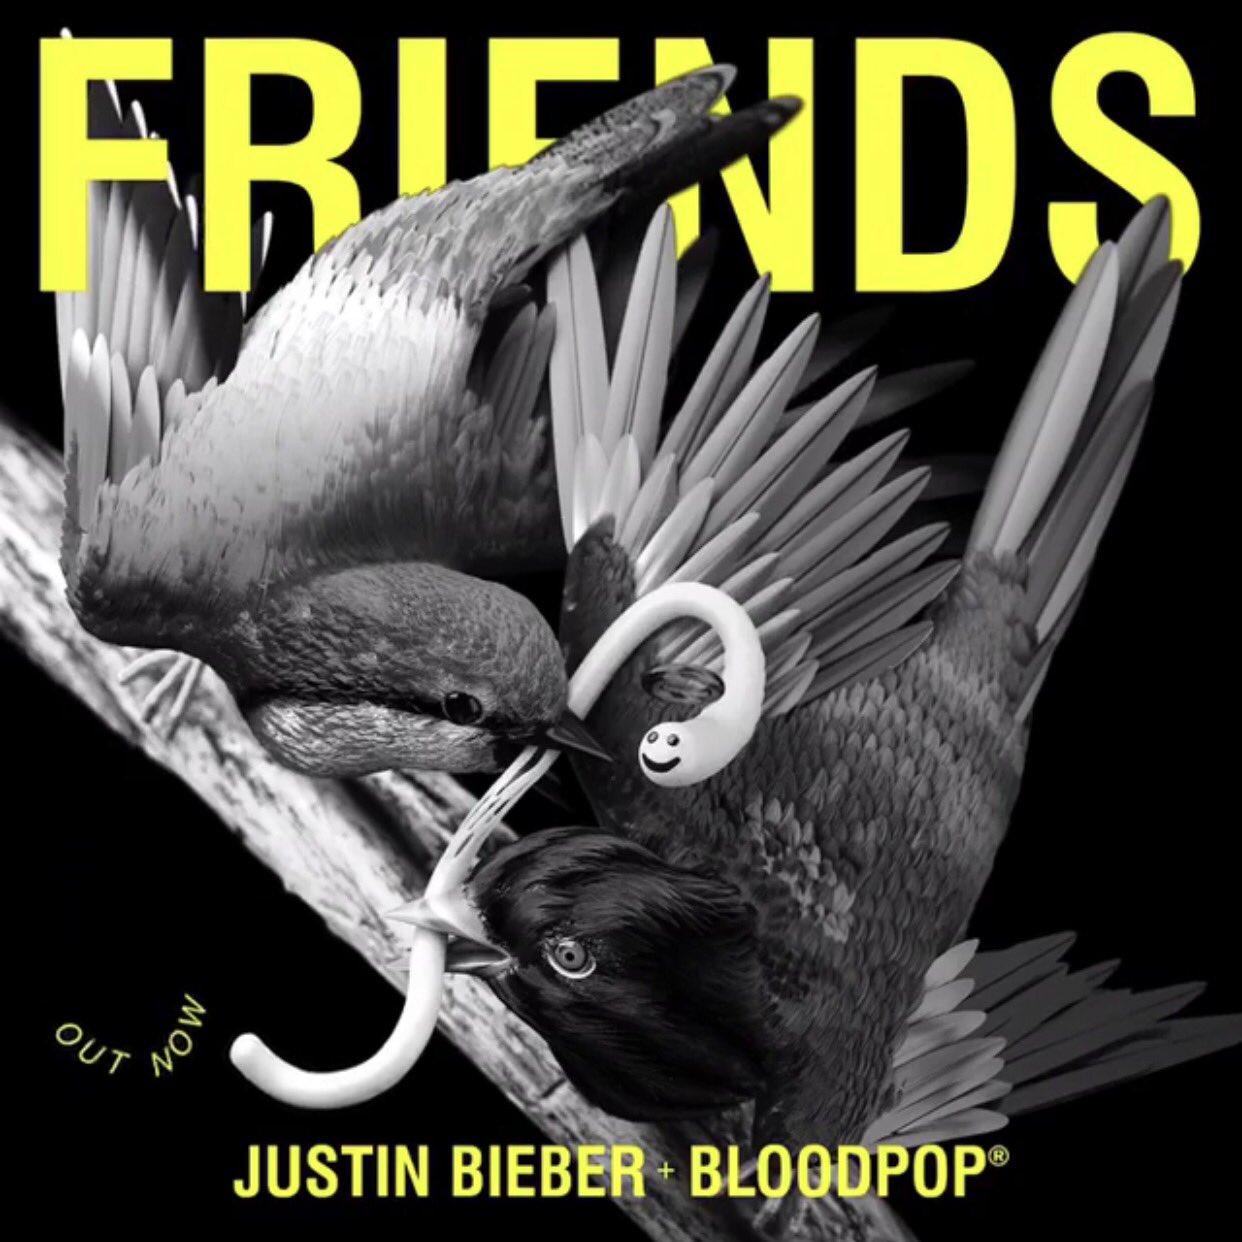 That new new @justinbieber #friends �� https://t.co/GBodDTUSxk https://t.co/qJ3oCXRXCi